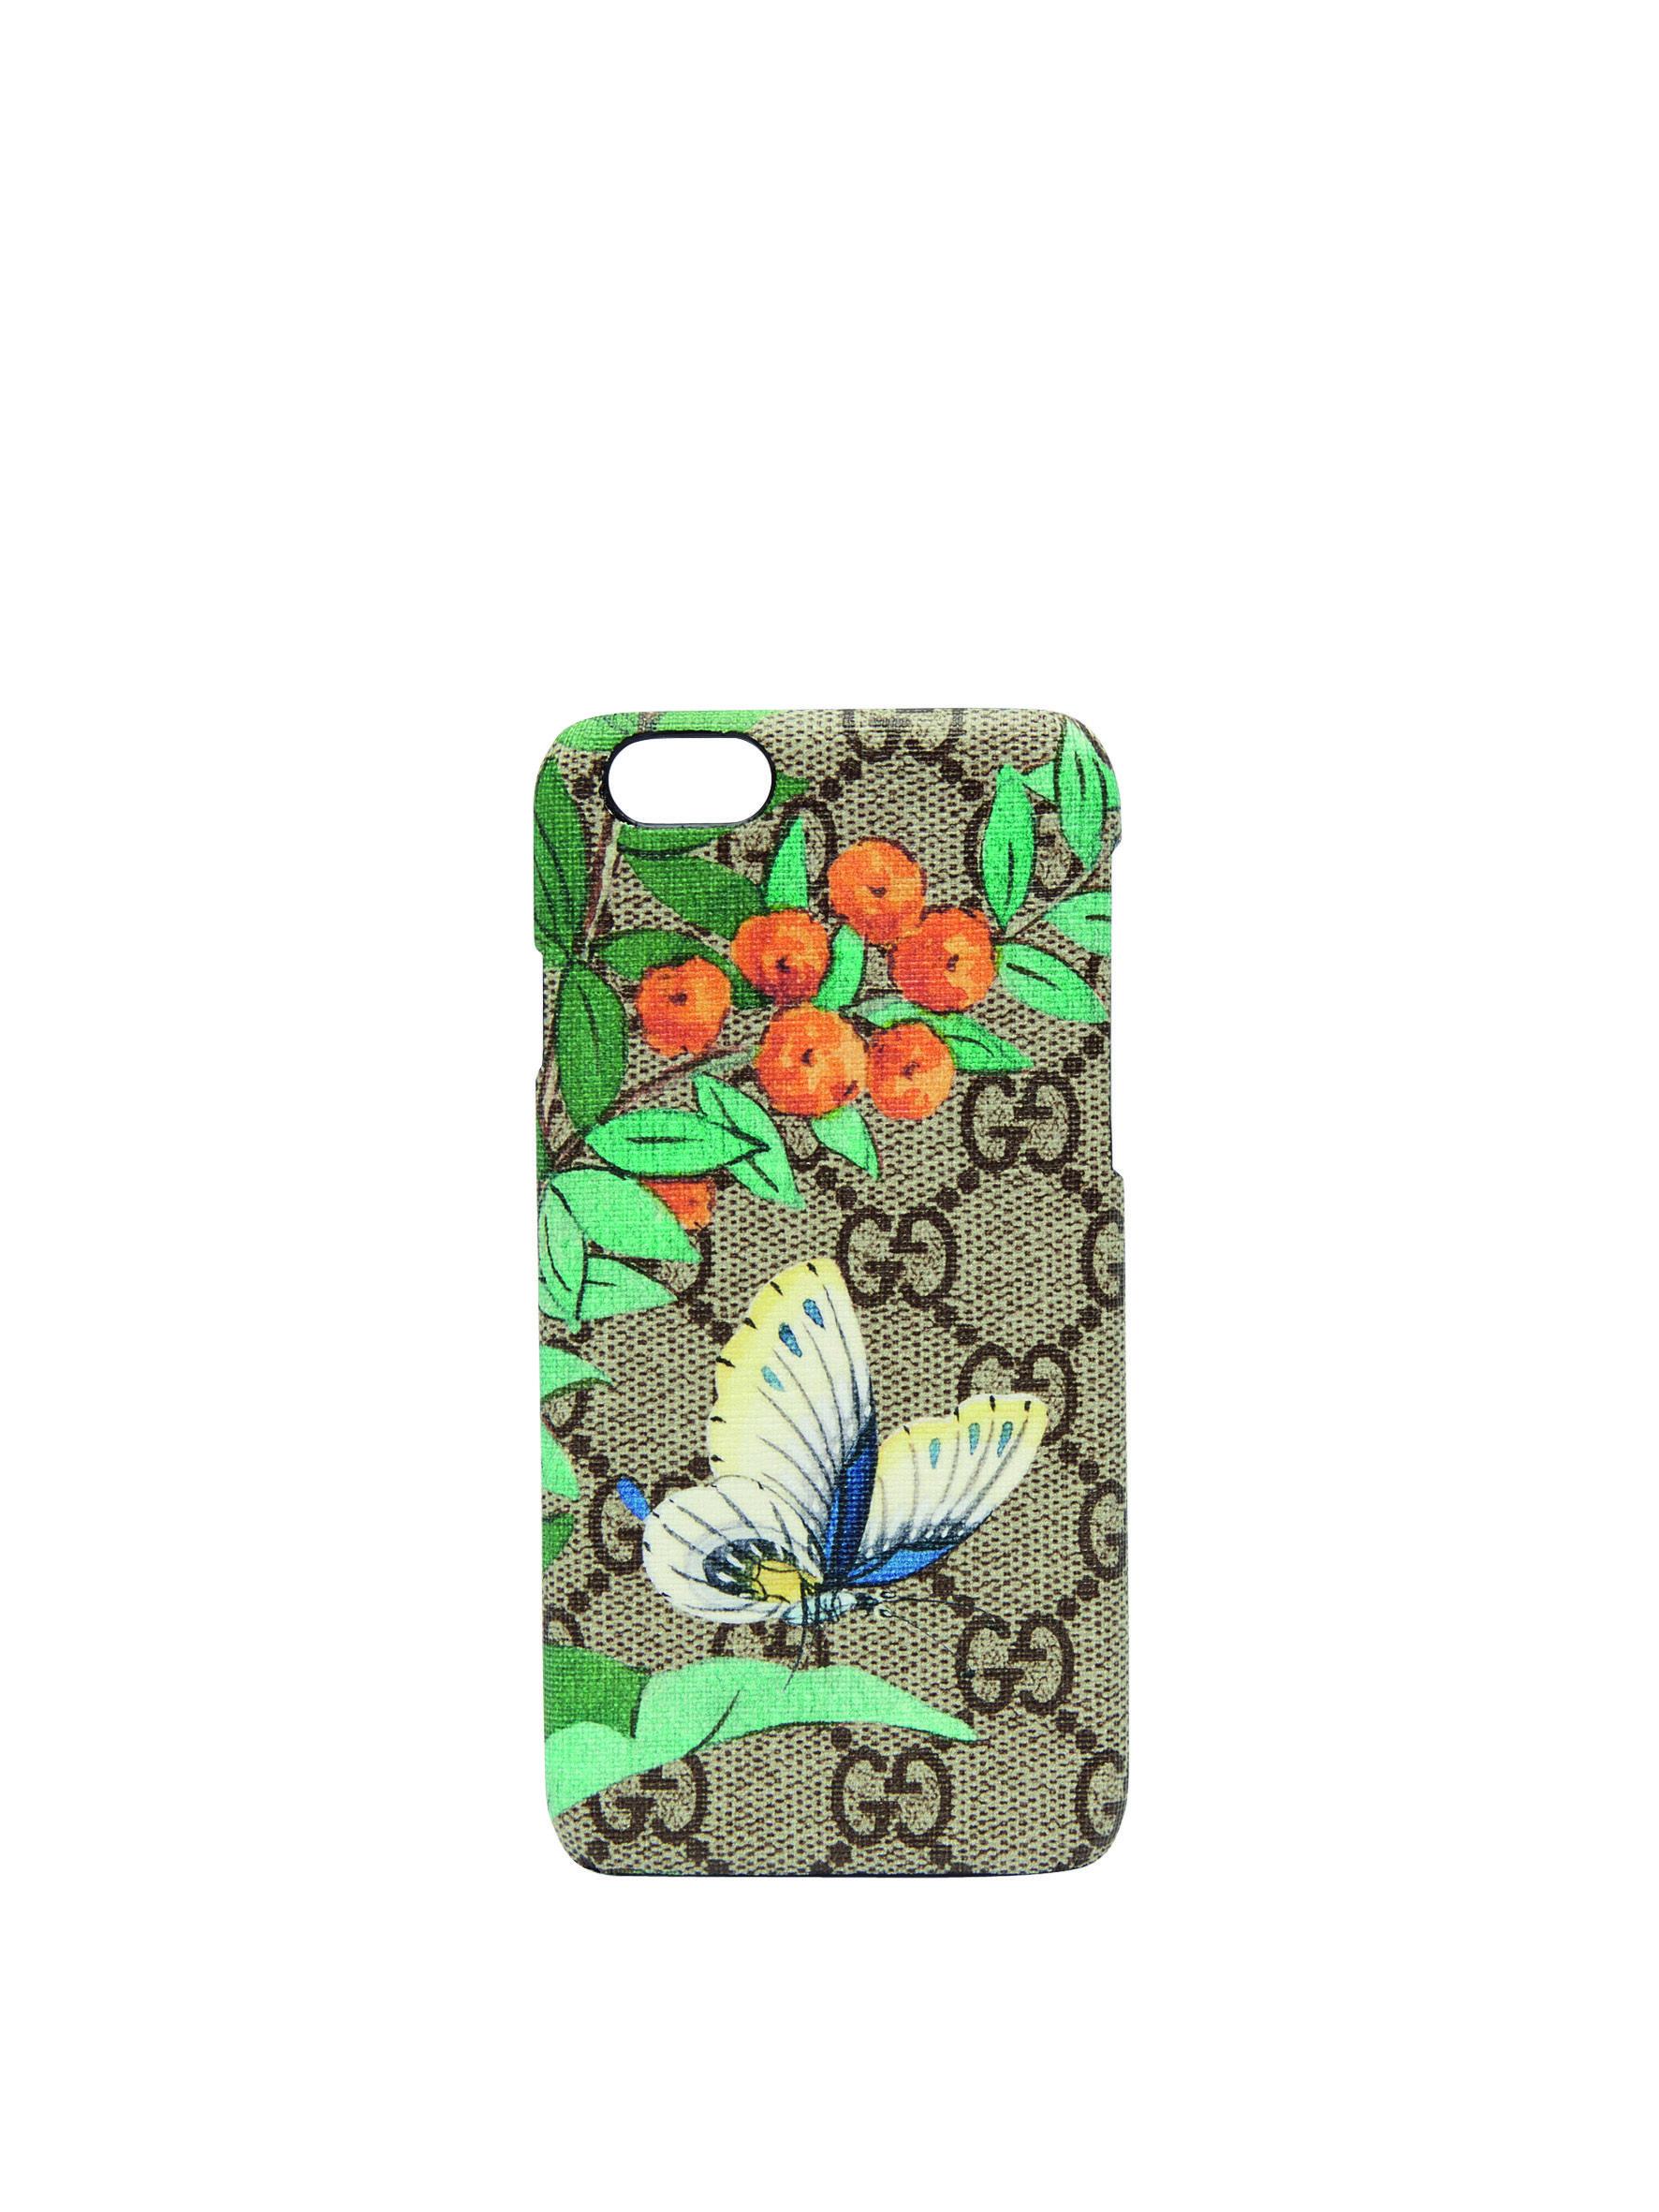 butterflies gucci iphone case